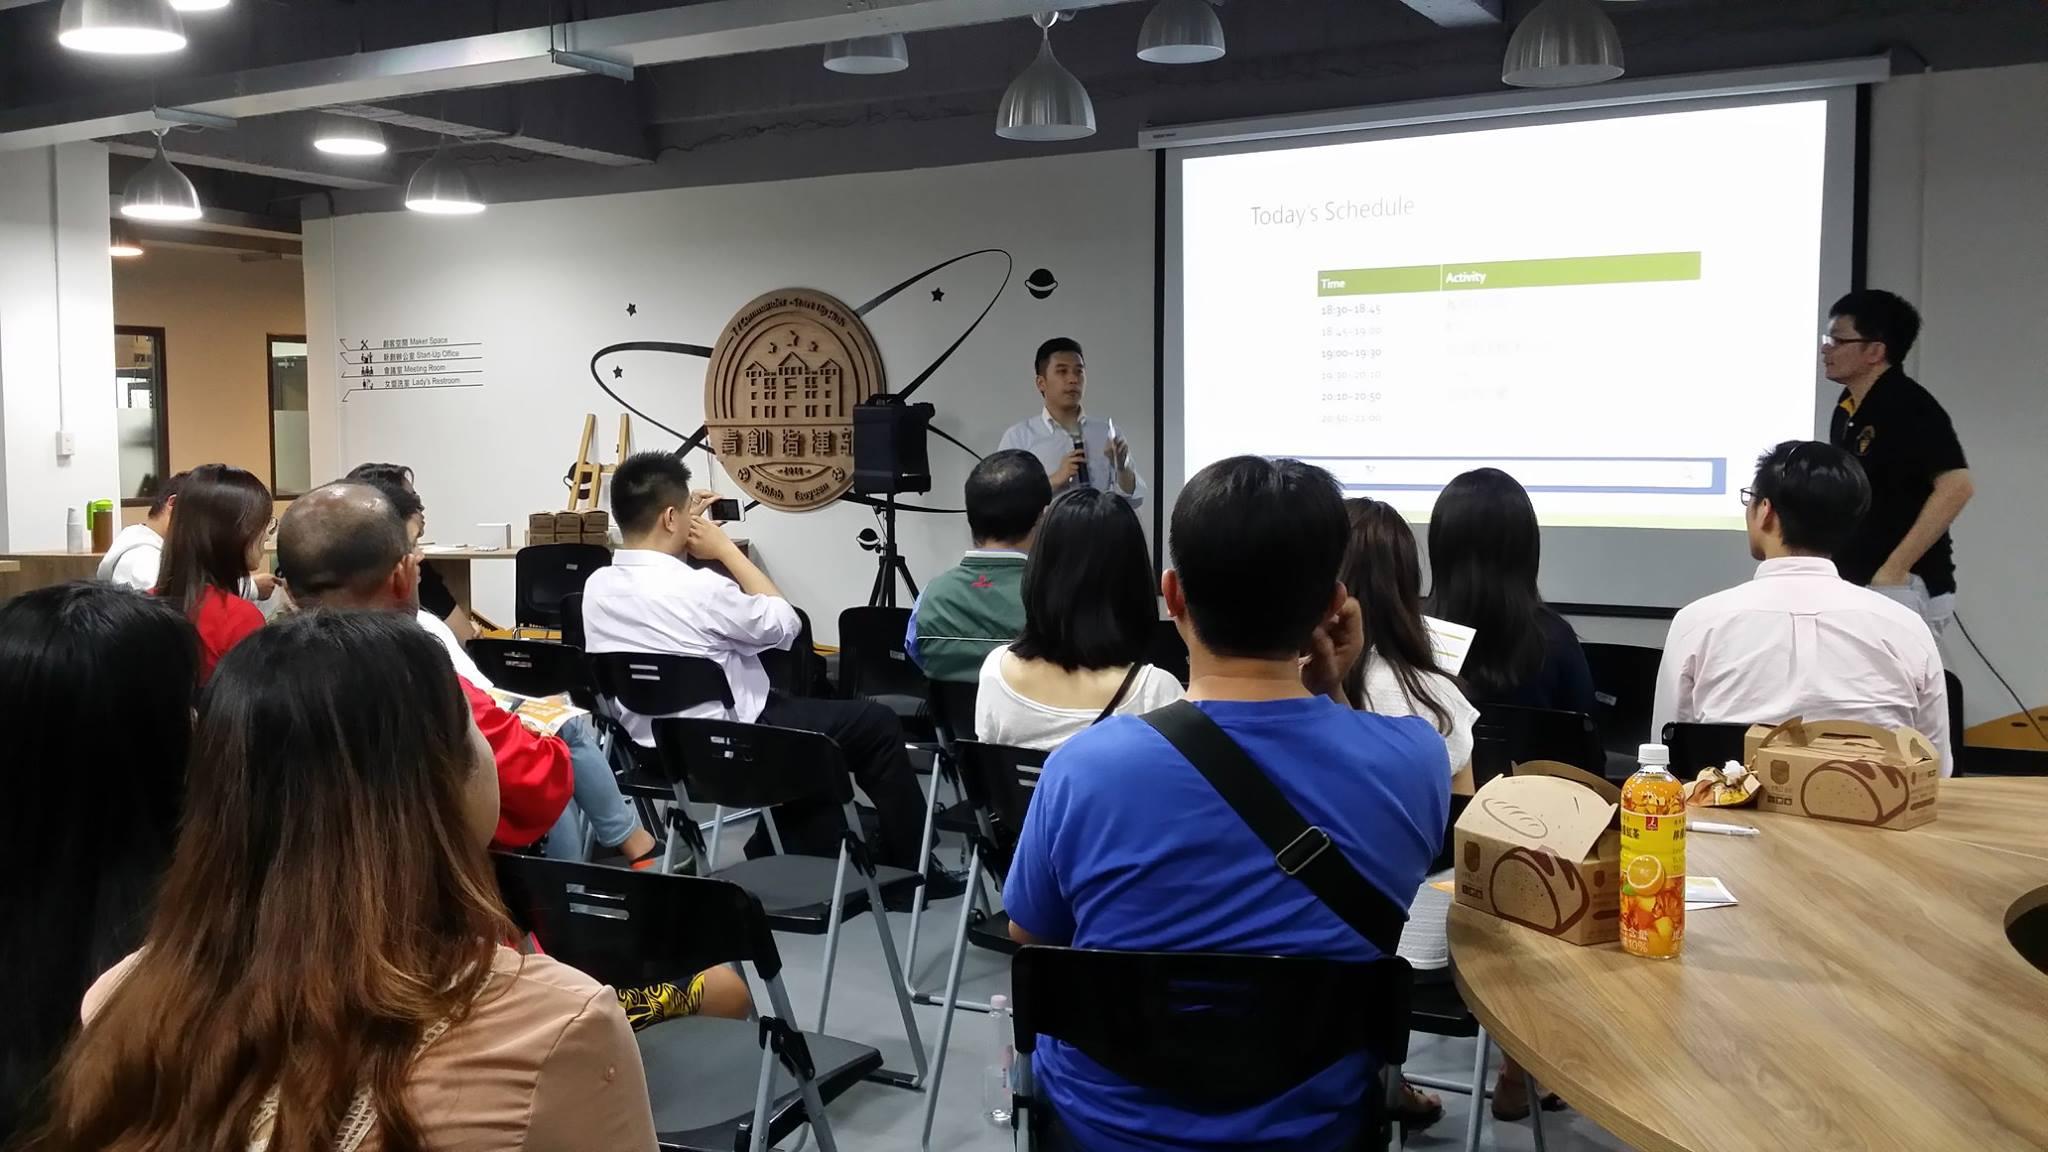 【與談人分享】KPMG in Taiwan安侯永續發展顧問的鍾汯佑經理進行分享。